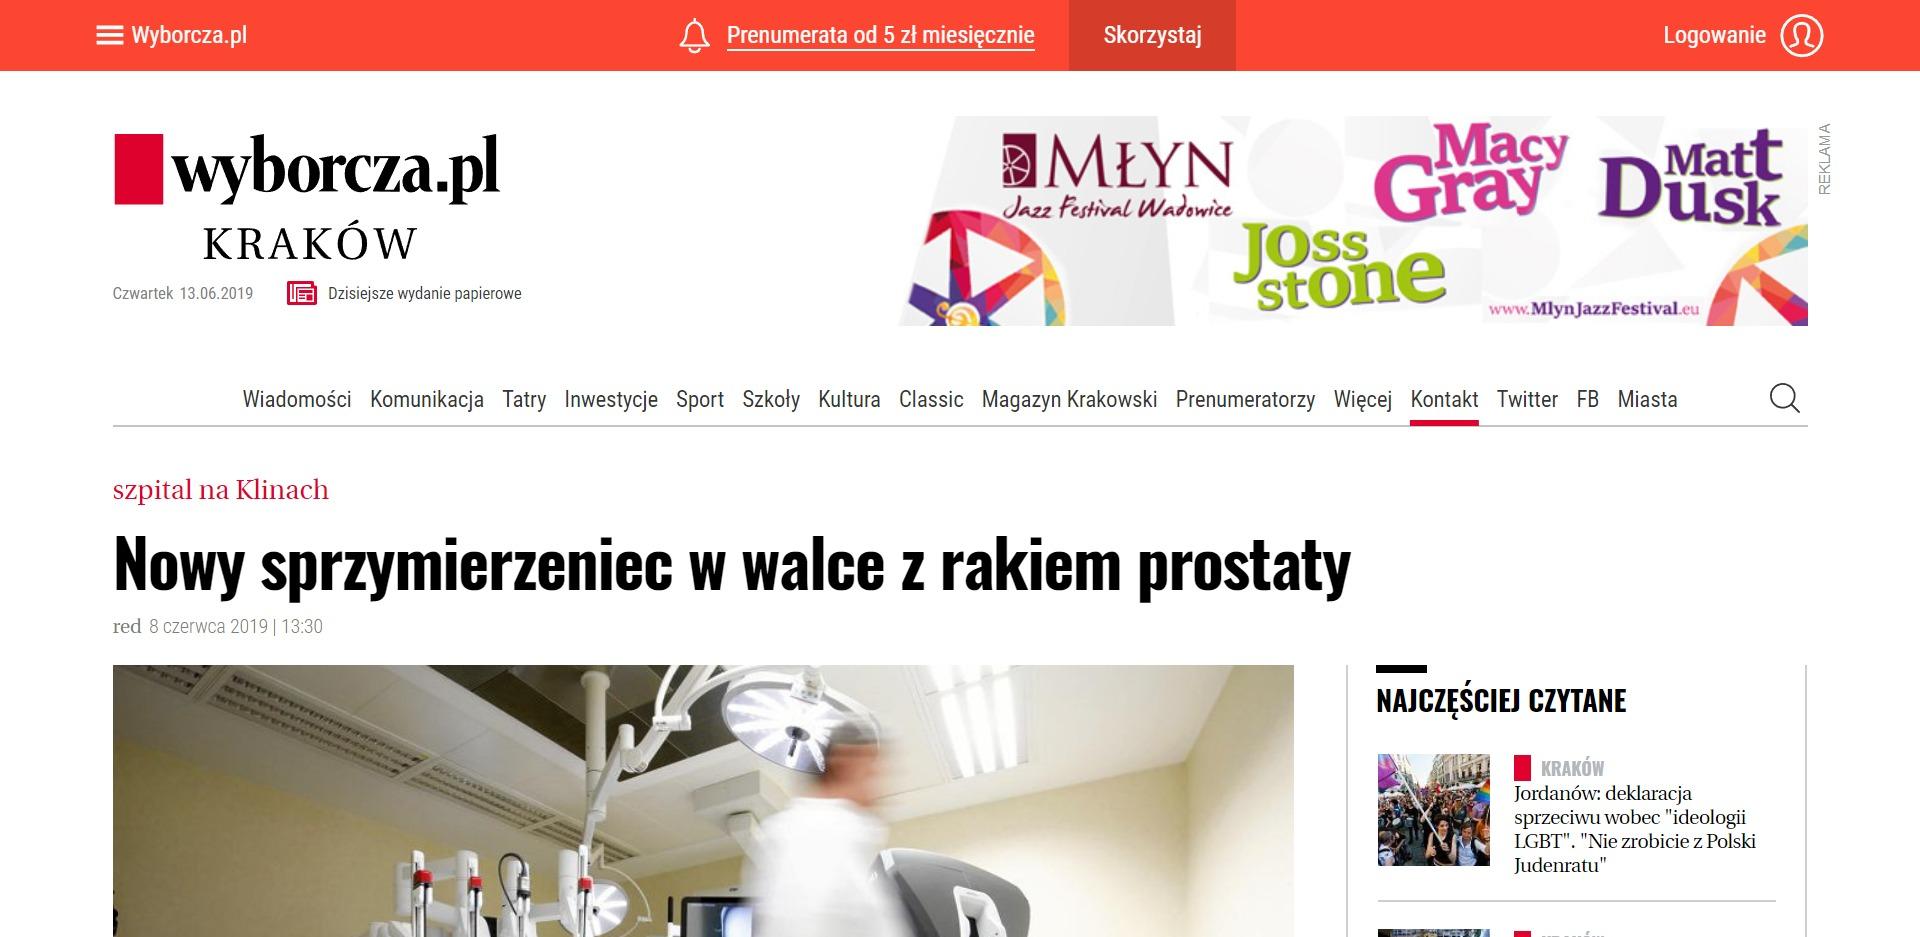 Nowy sprzymierzeniec w walce z rakiem prostaty